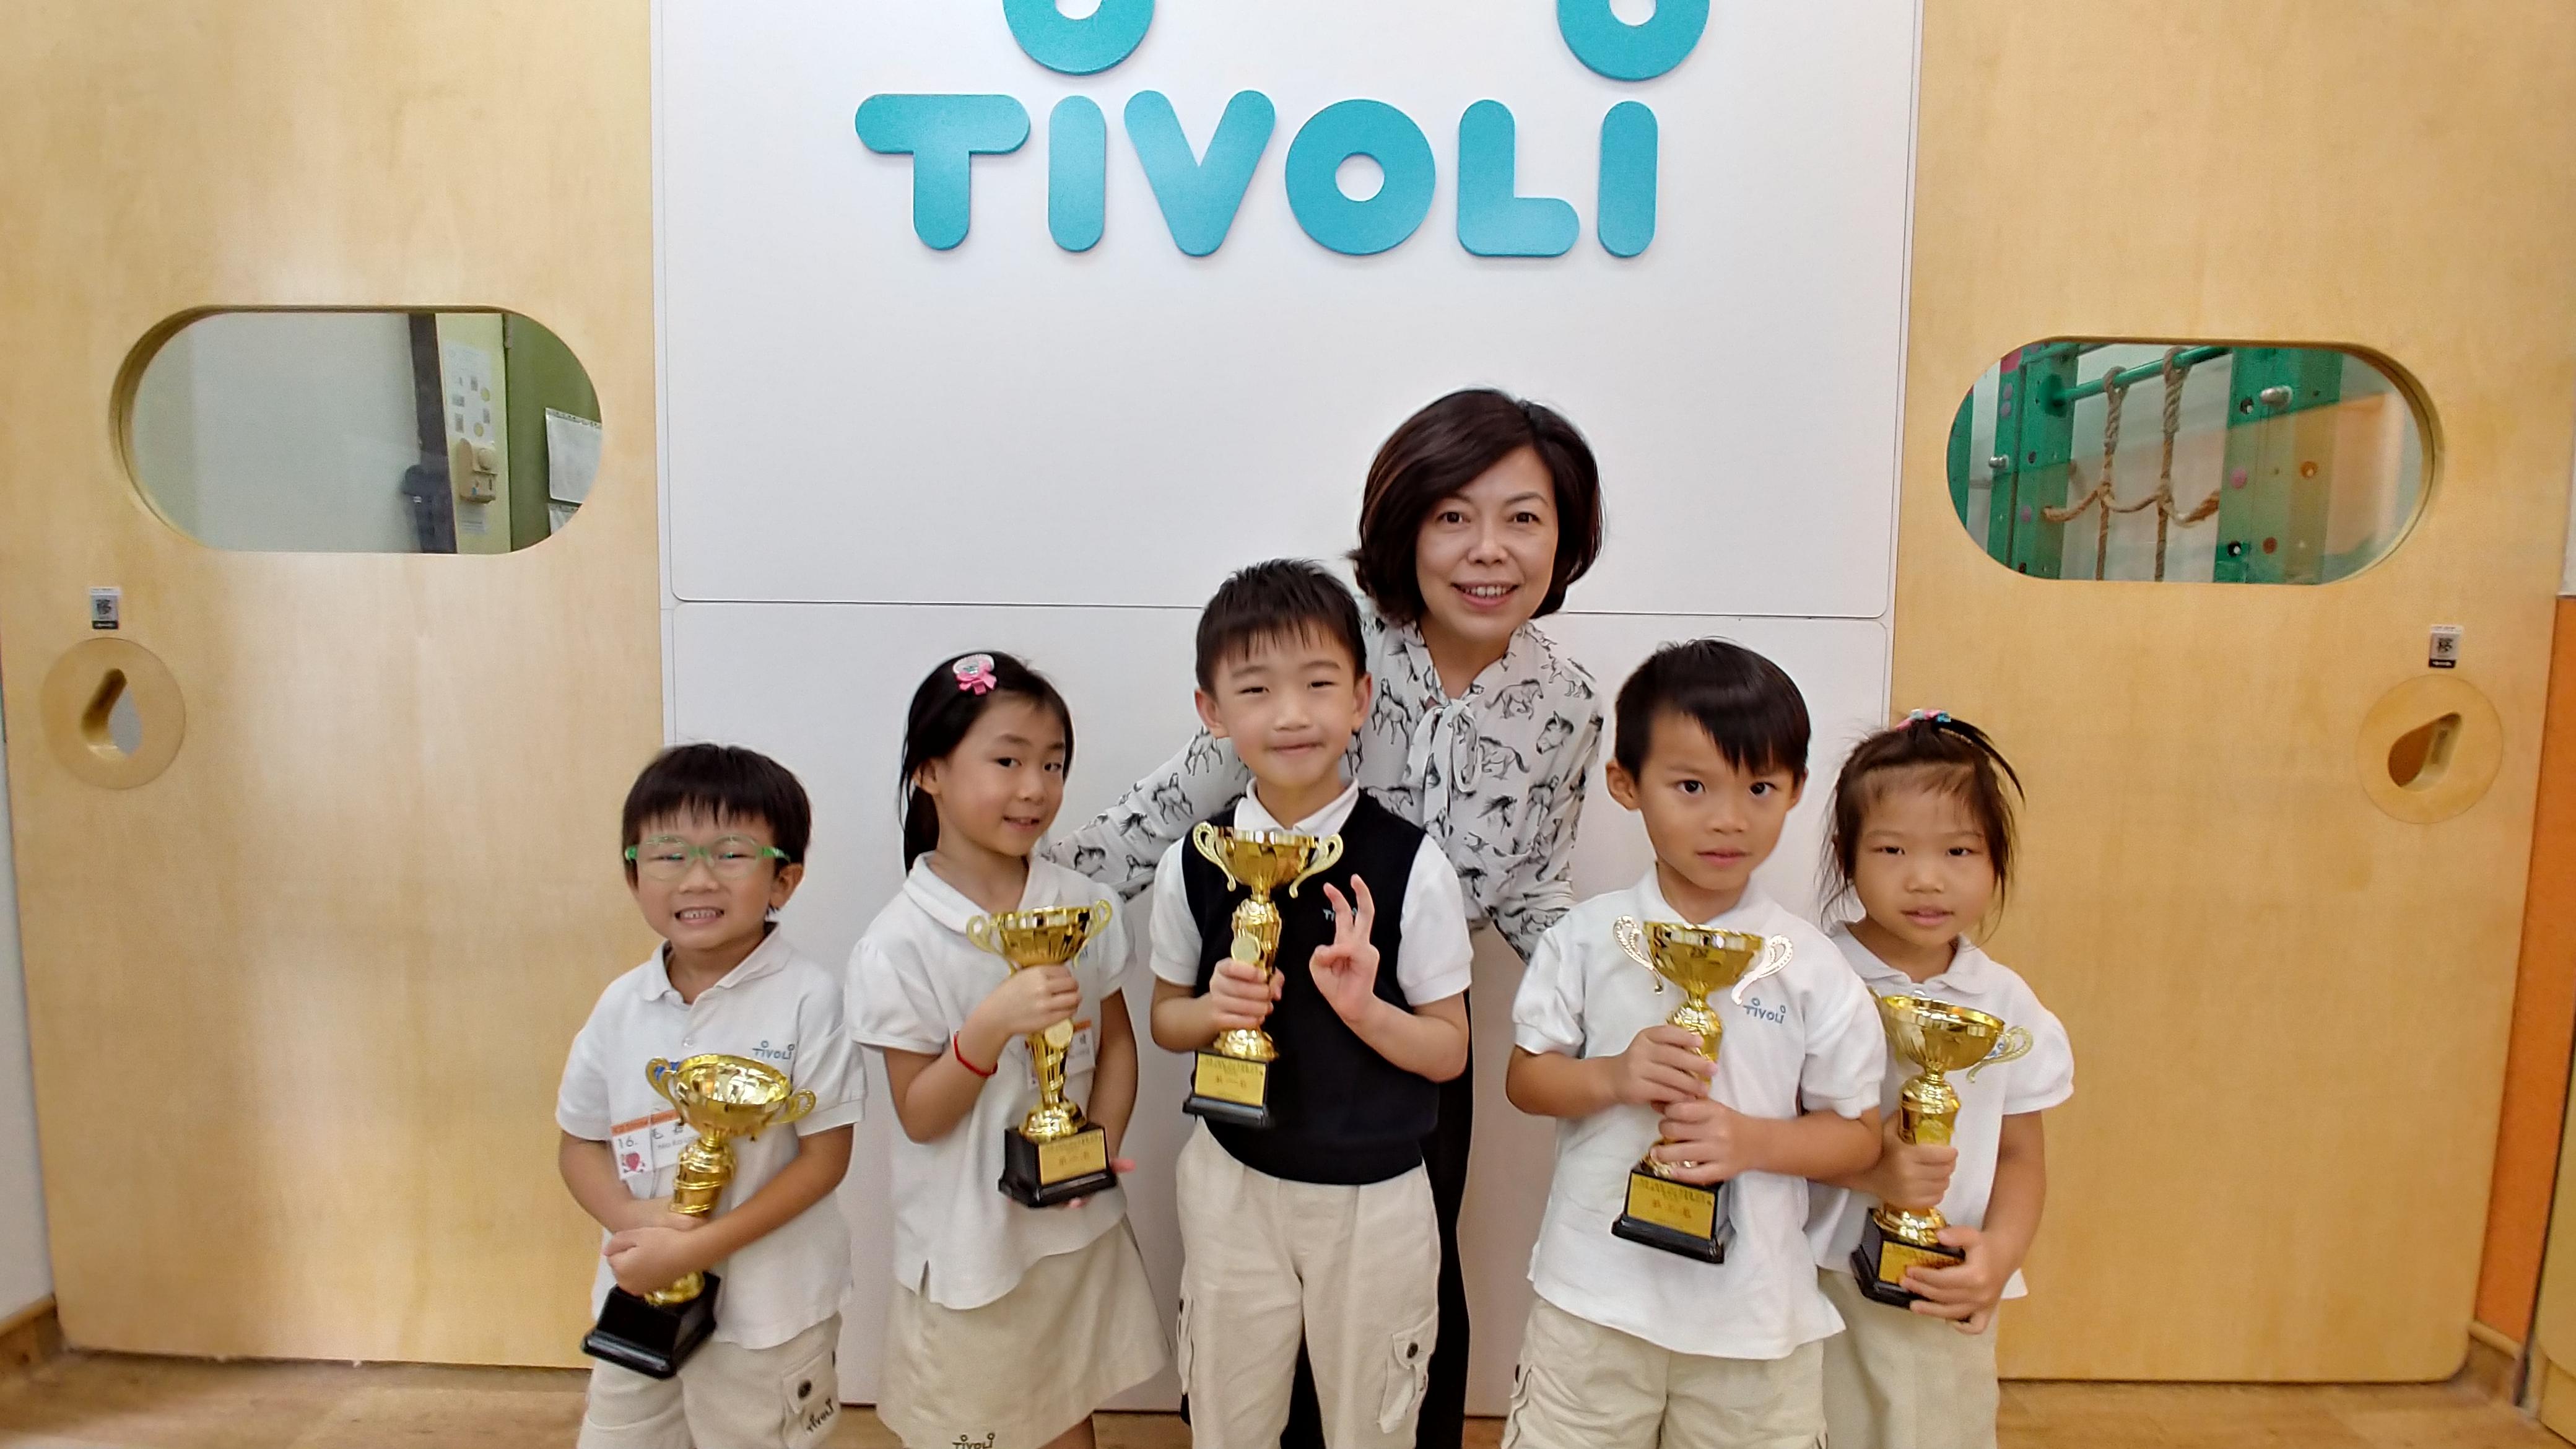 2018香港(國際)珠心算學會珠心算大賽得獎名單 | Tivoli Parents' Club